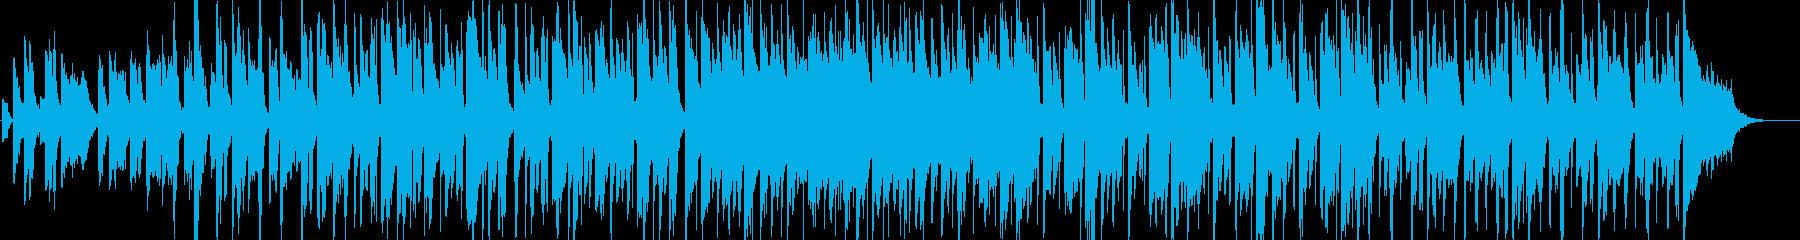 クール・おしゃれ・軽快・エレピ・映像用の再生済みの波形